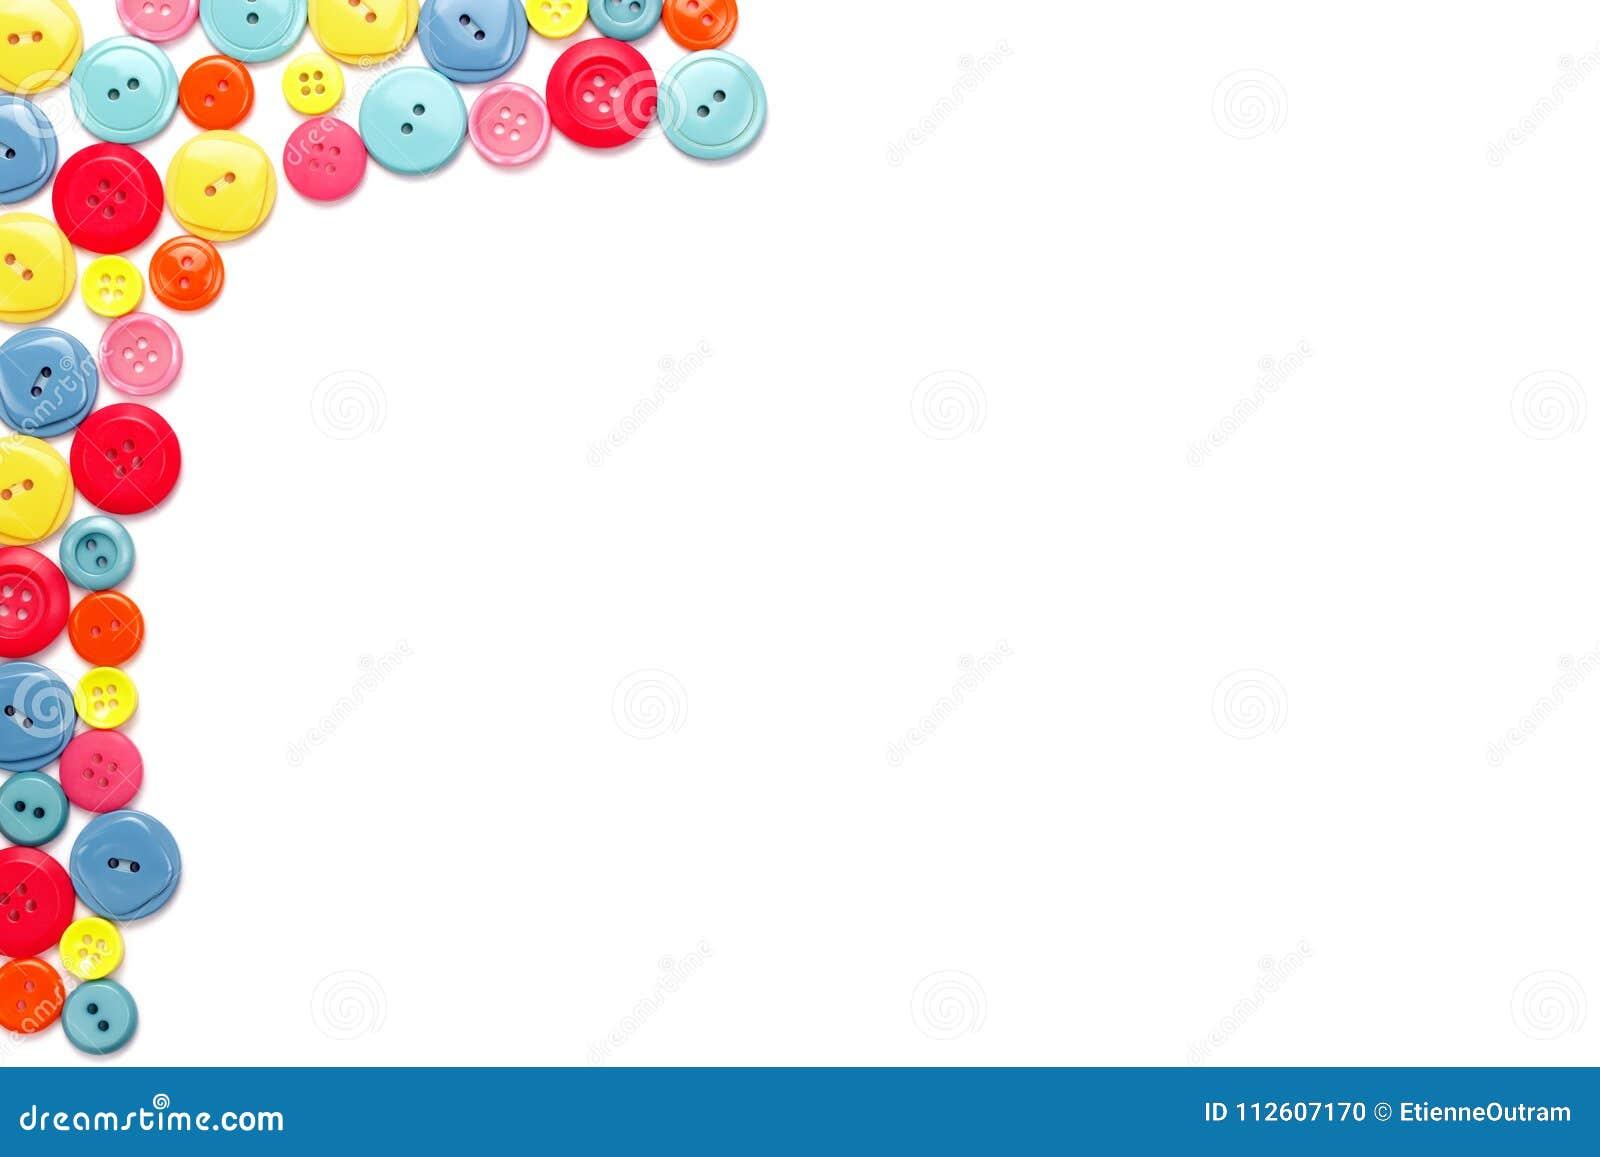 Ζωηρόχρωμα κουμπιά ιματισμού στο λευκό